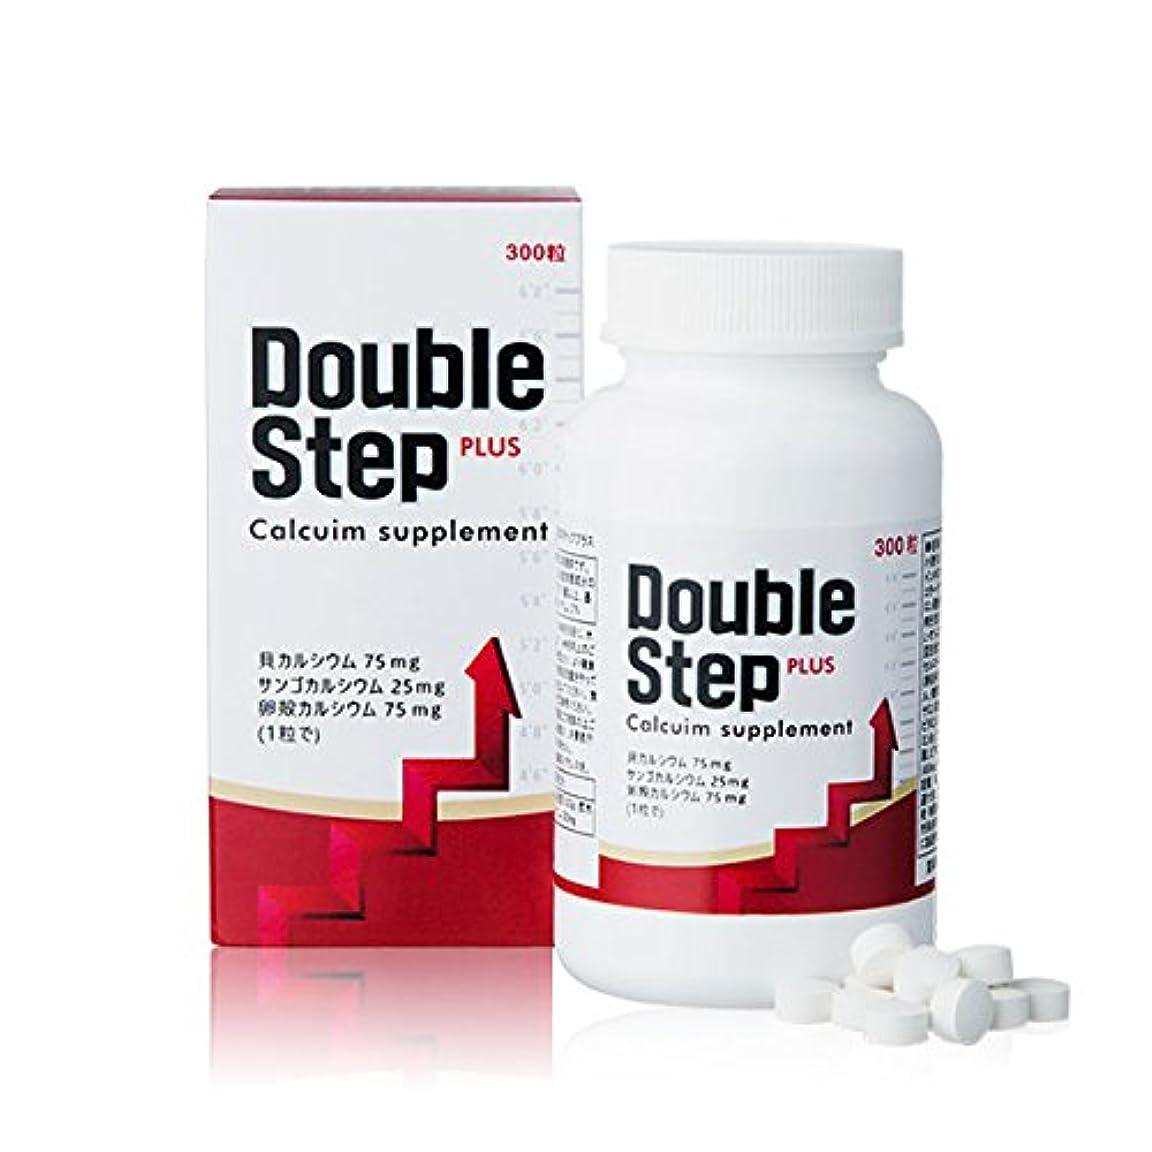 七面鳥定規伝記ダブルステップ プラス DOUBLE STEP PLUS カルシウム サプリメント